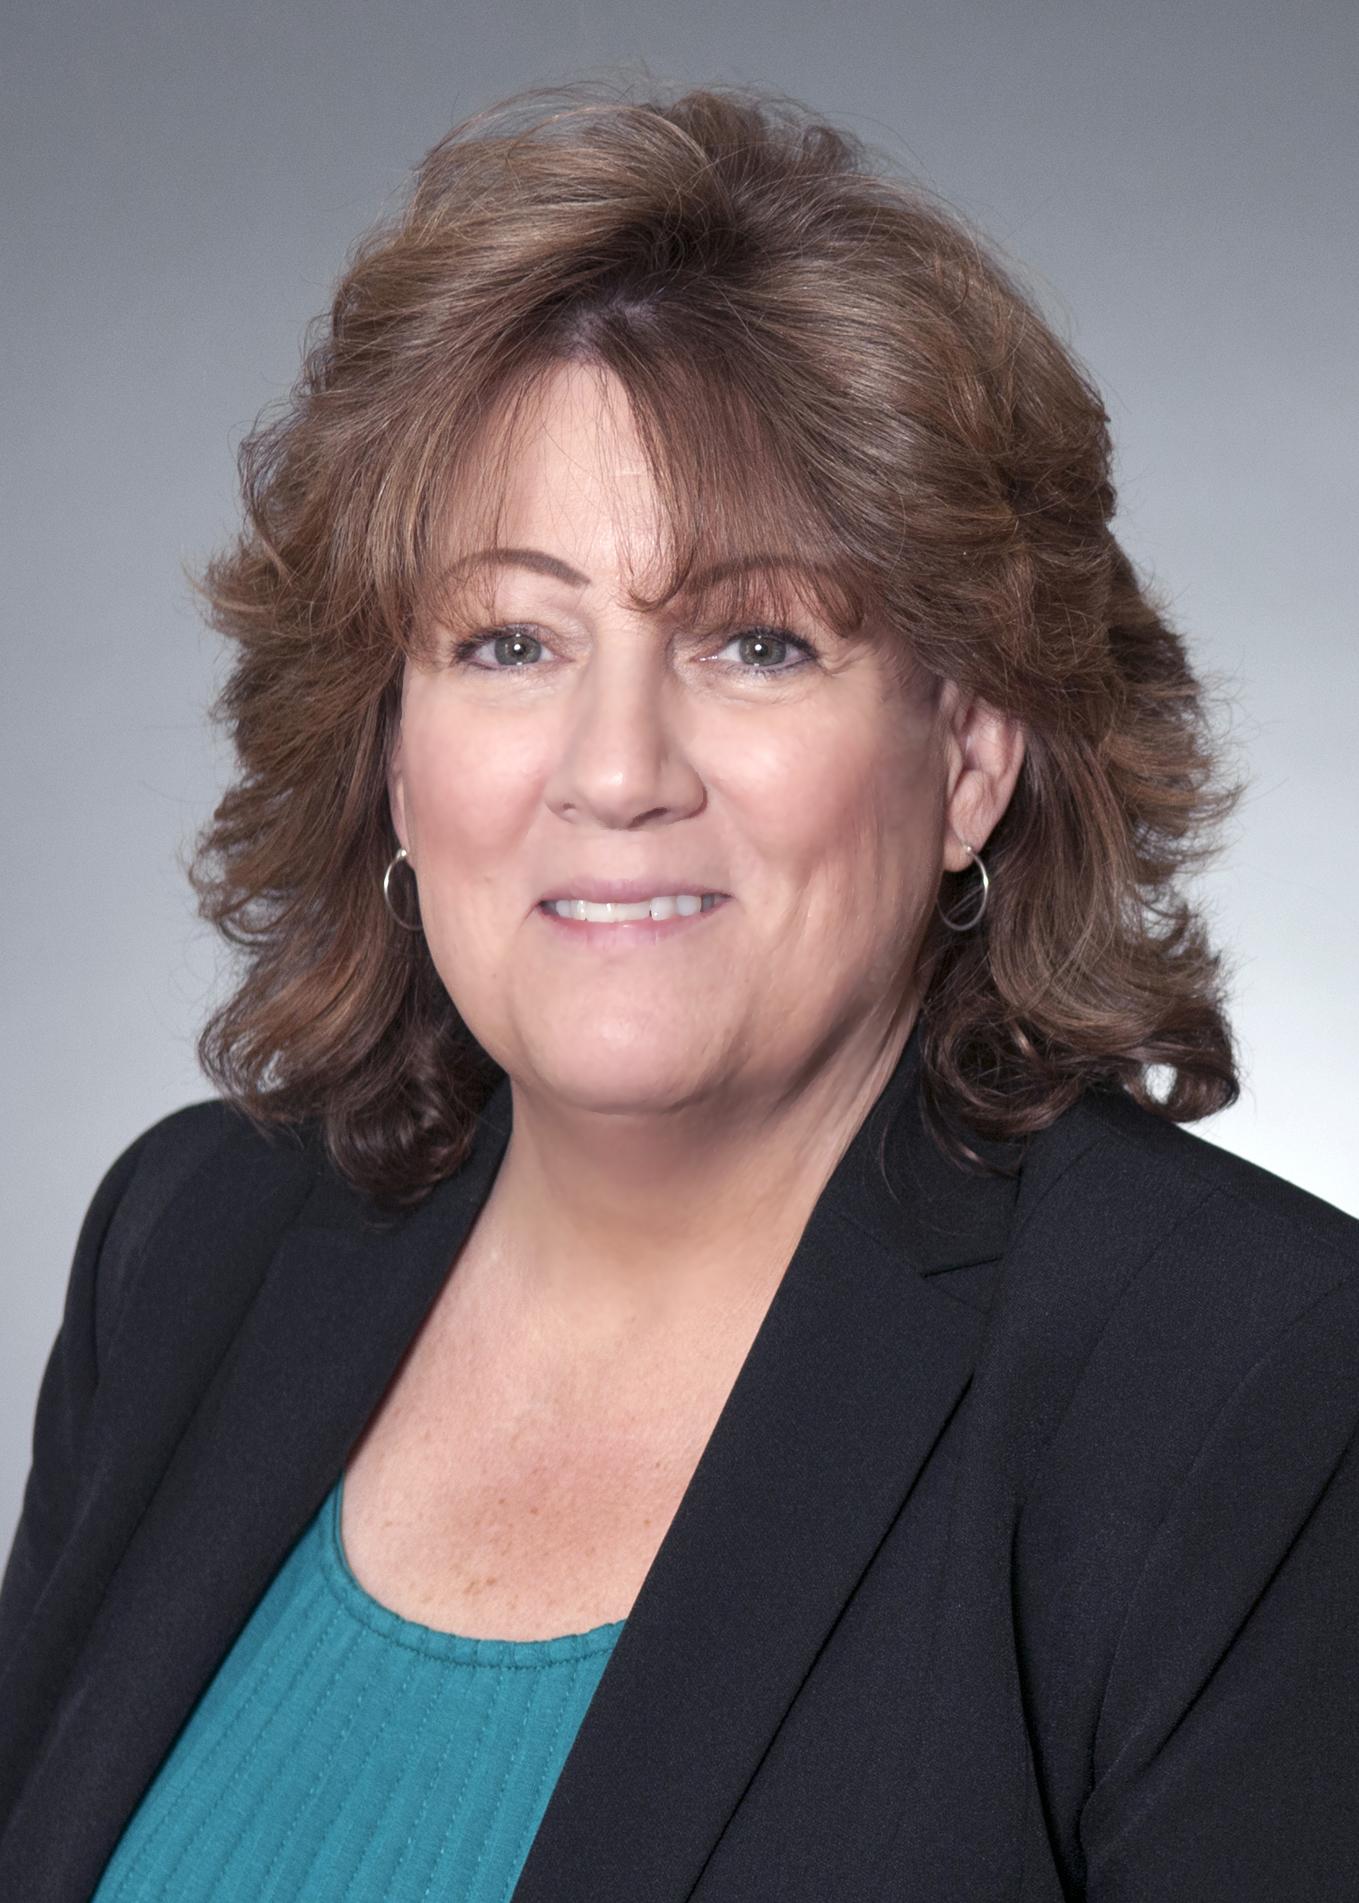 Susan LeCours